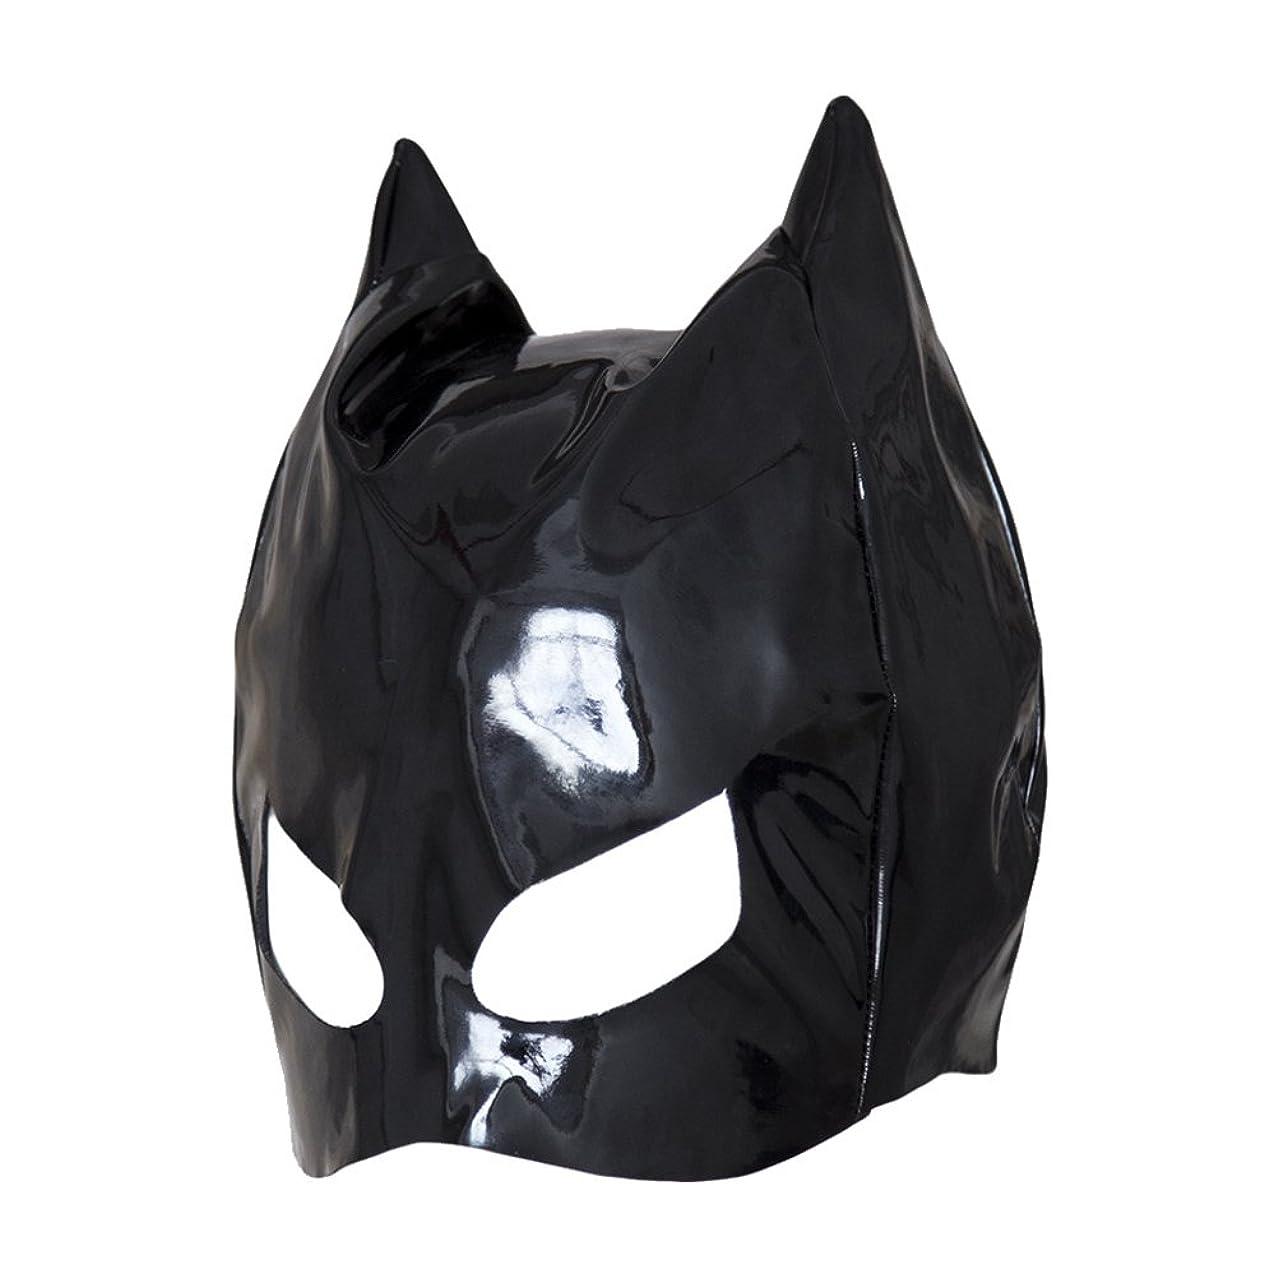 データベースどこでも小道Healifty 全頭マスク フェイスカバー オープンアイズ PUレザーフード コスプレ 衣装帽子 ユニセックス (ブラック)